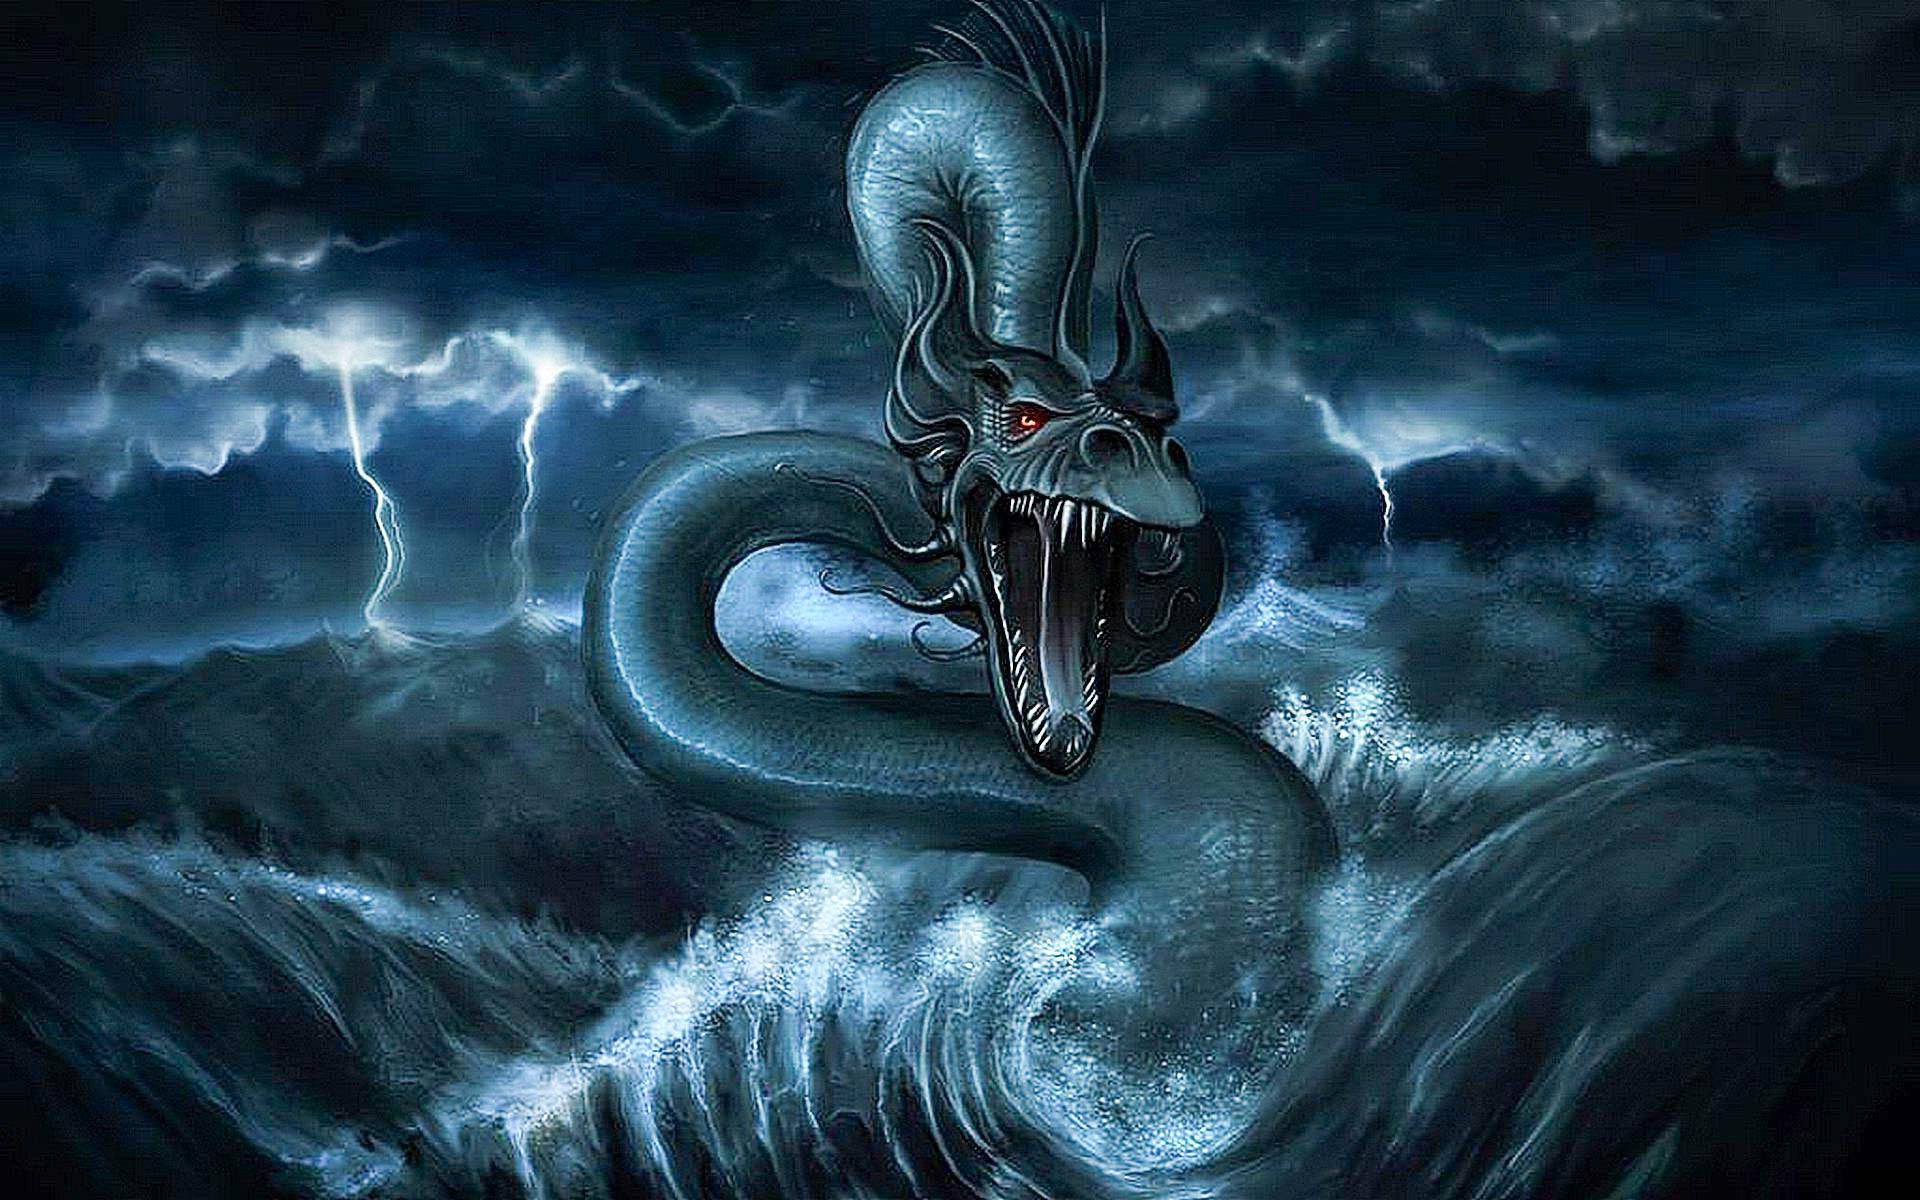 Giant sea monster wallpaper